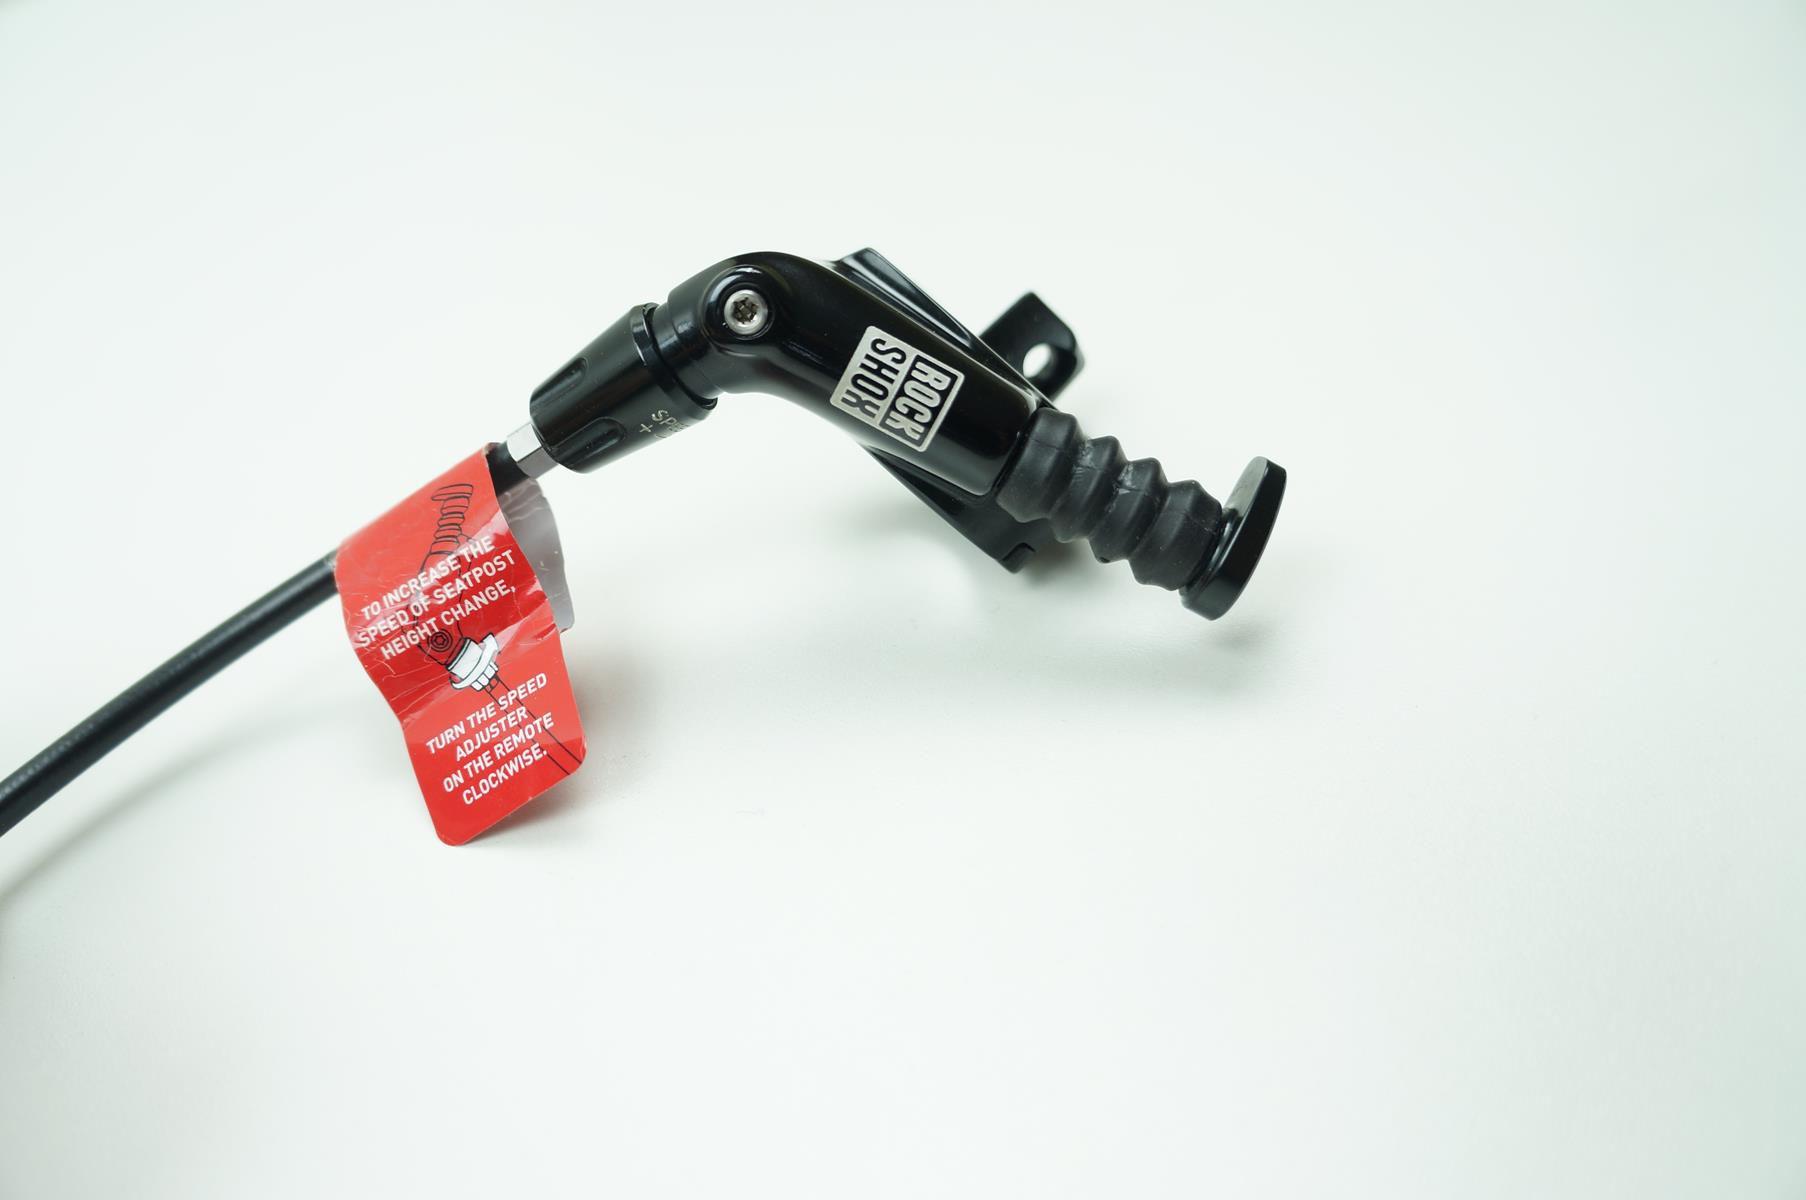 Canote MTB Rock Shox Reverb 31.6 x 380mm Telescópico Retrátil Preto